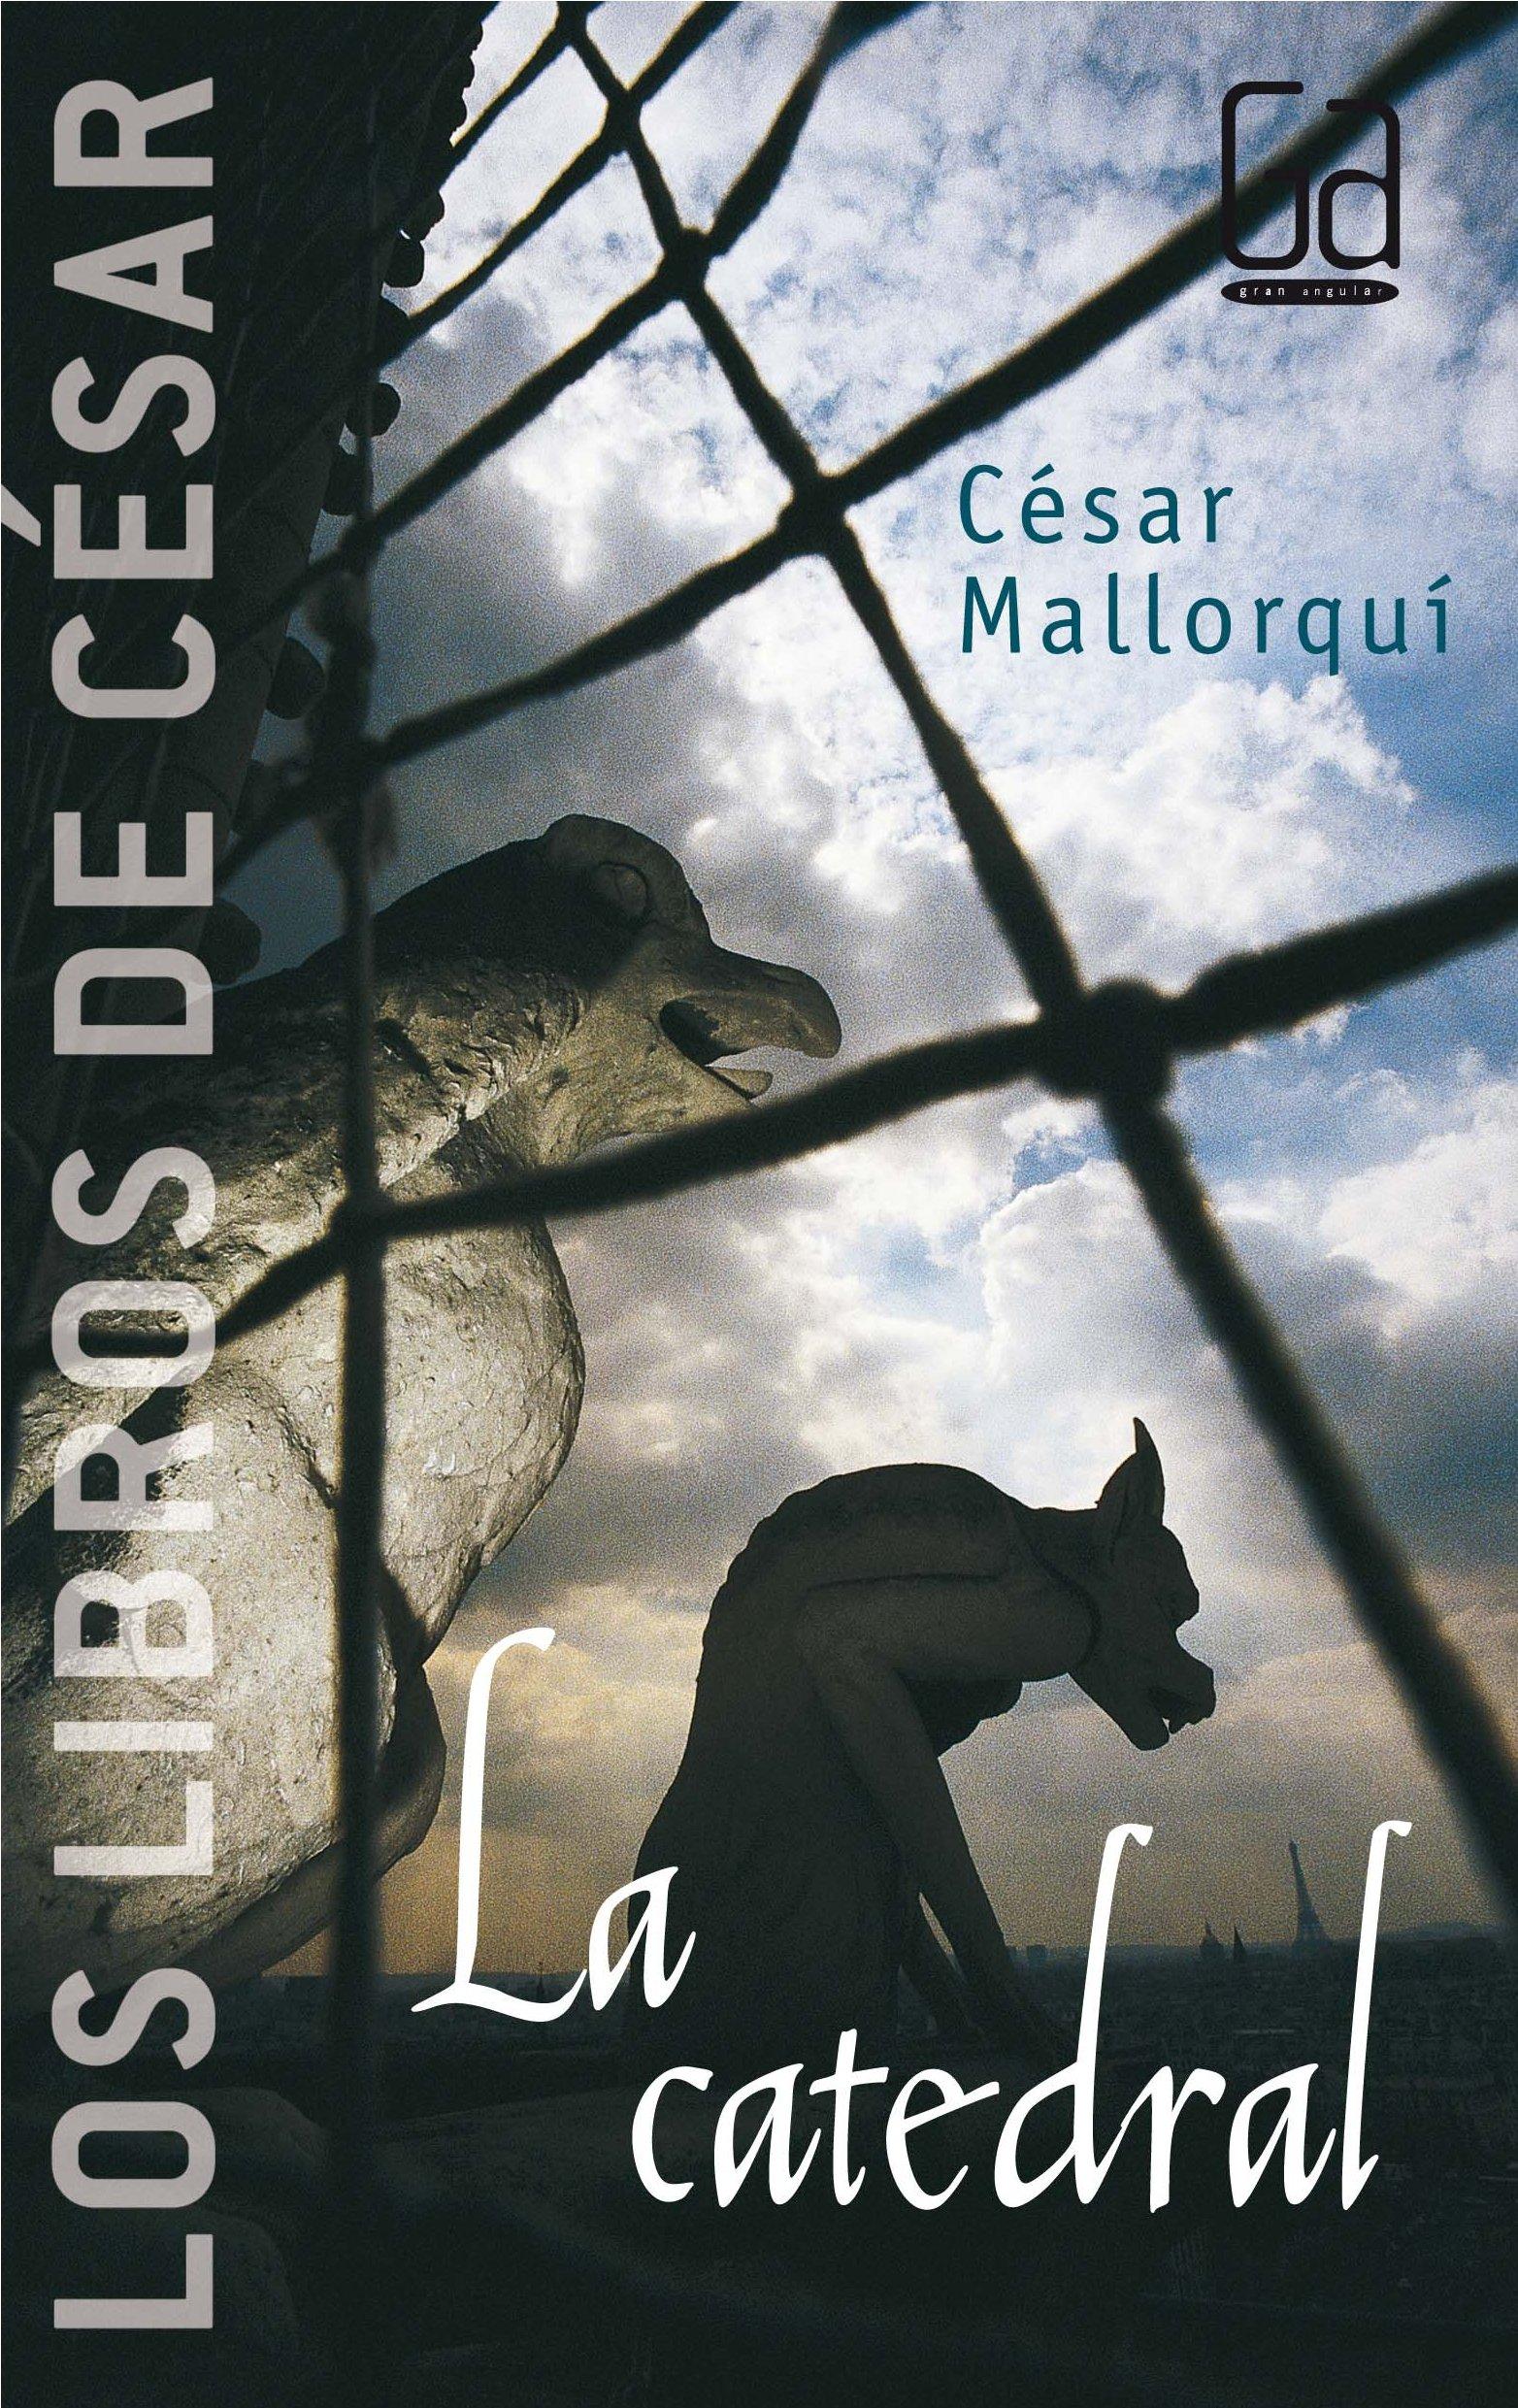 La catedral: Los libros de César Mallorquí: Amazon.es: César Mallorquí: Libros